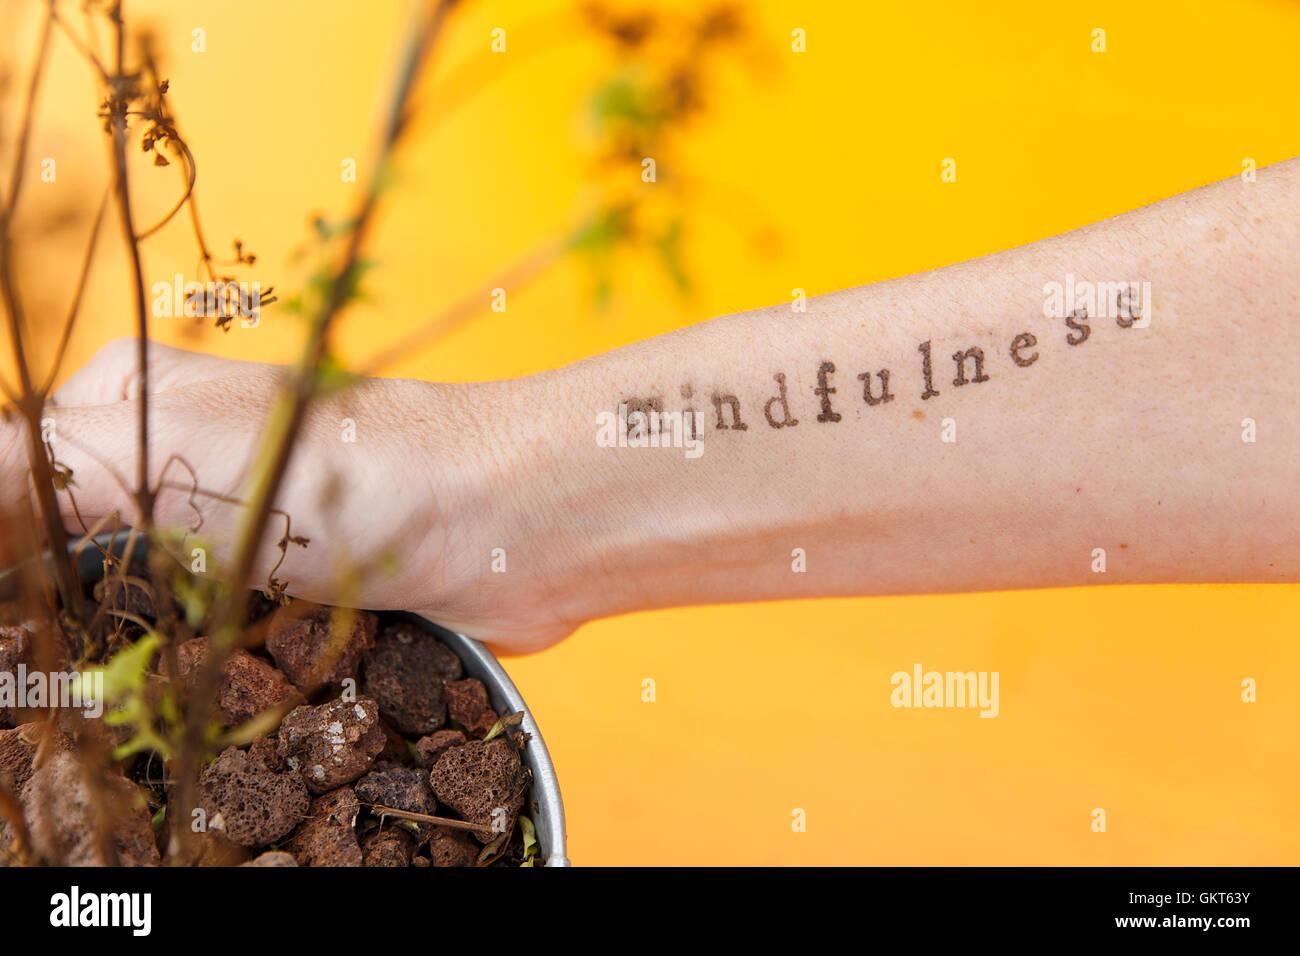 Naturaleza y mindfulness II Imagen De Stock